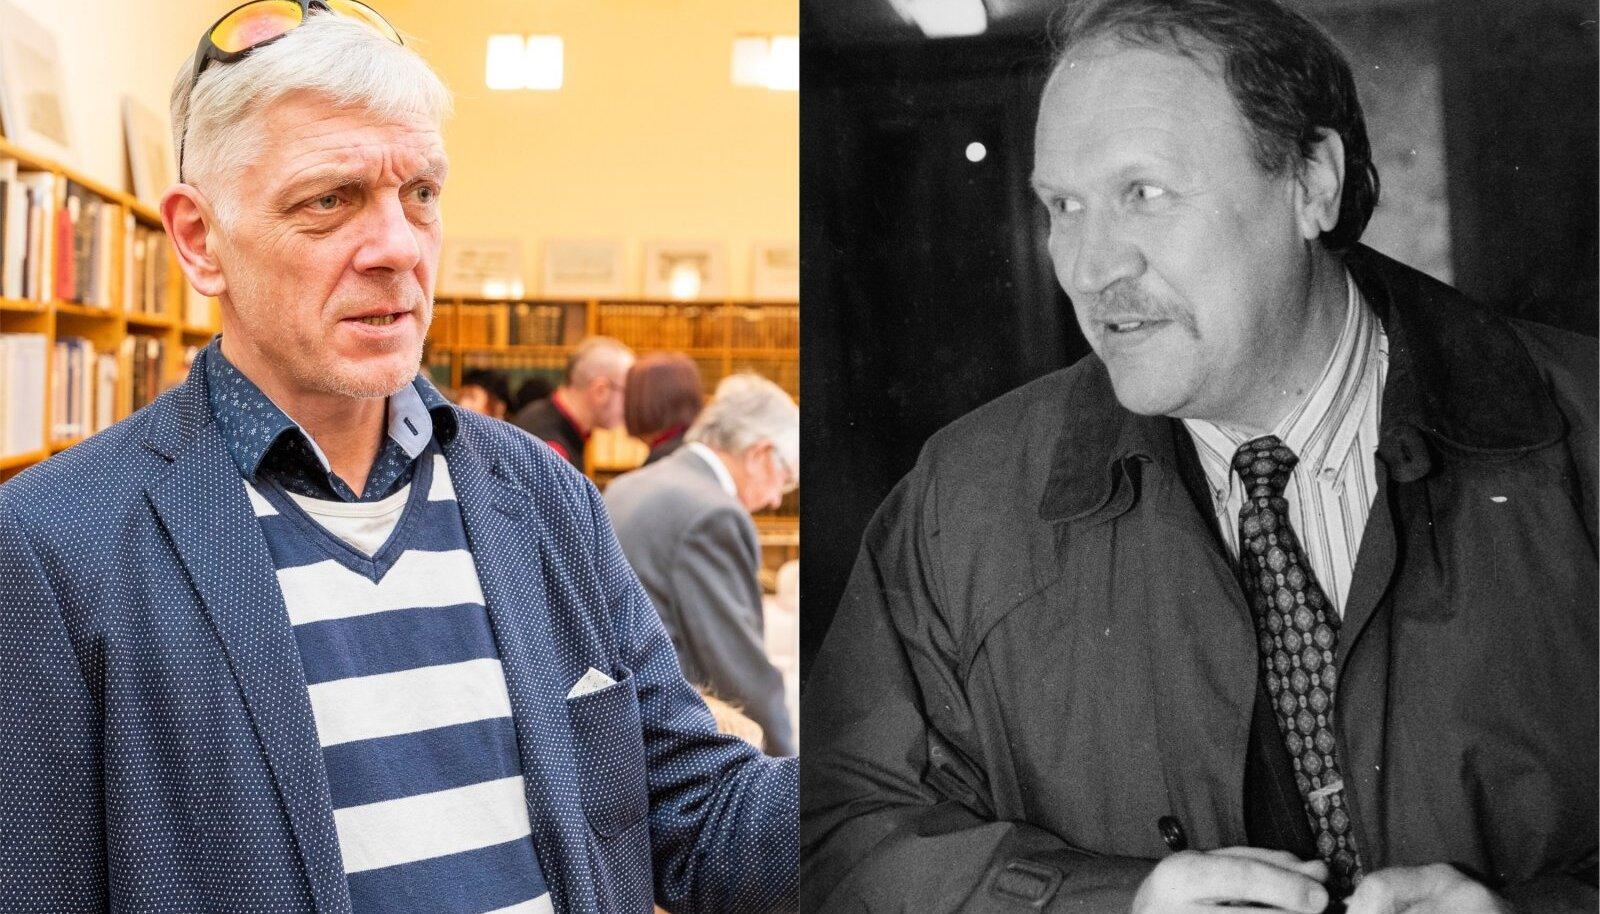 TARAND VS HELME: Indrek Tarand oli välisministeeriumi kantsler ajal, mil Mart Helme oli suursaadik.